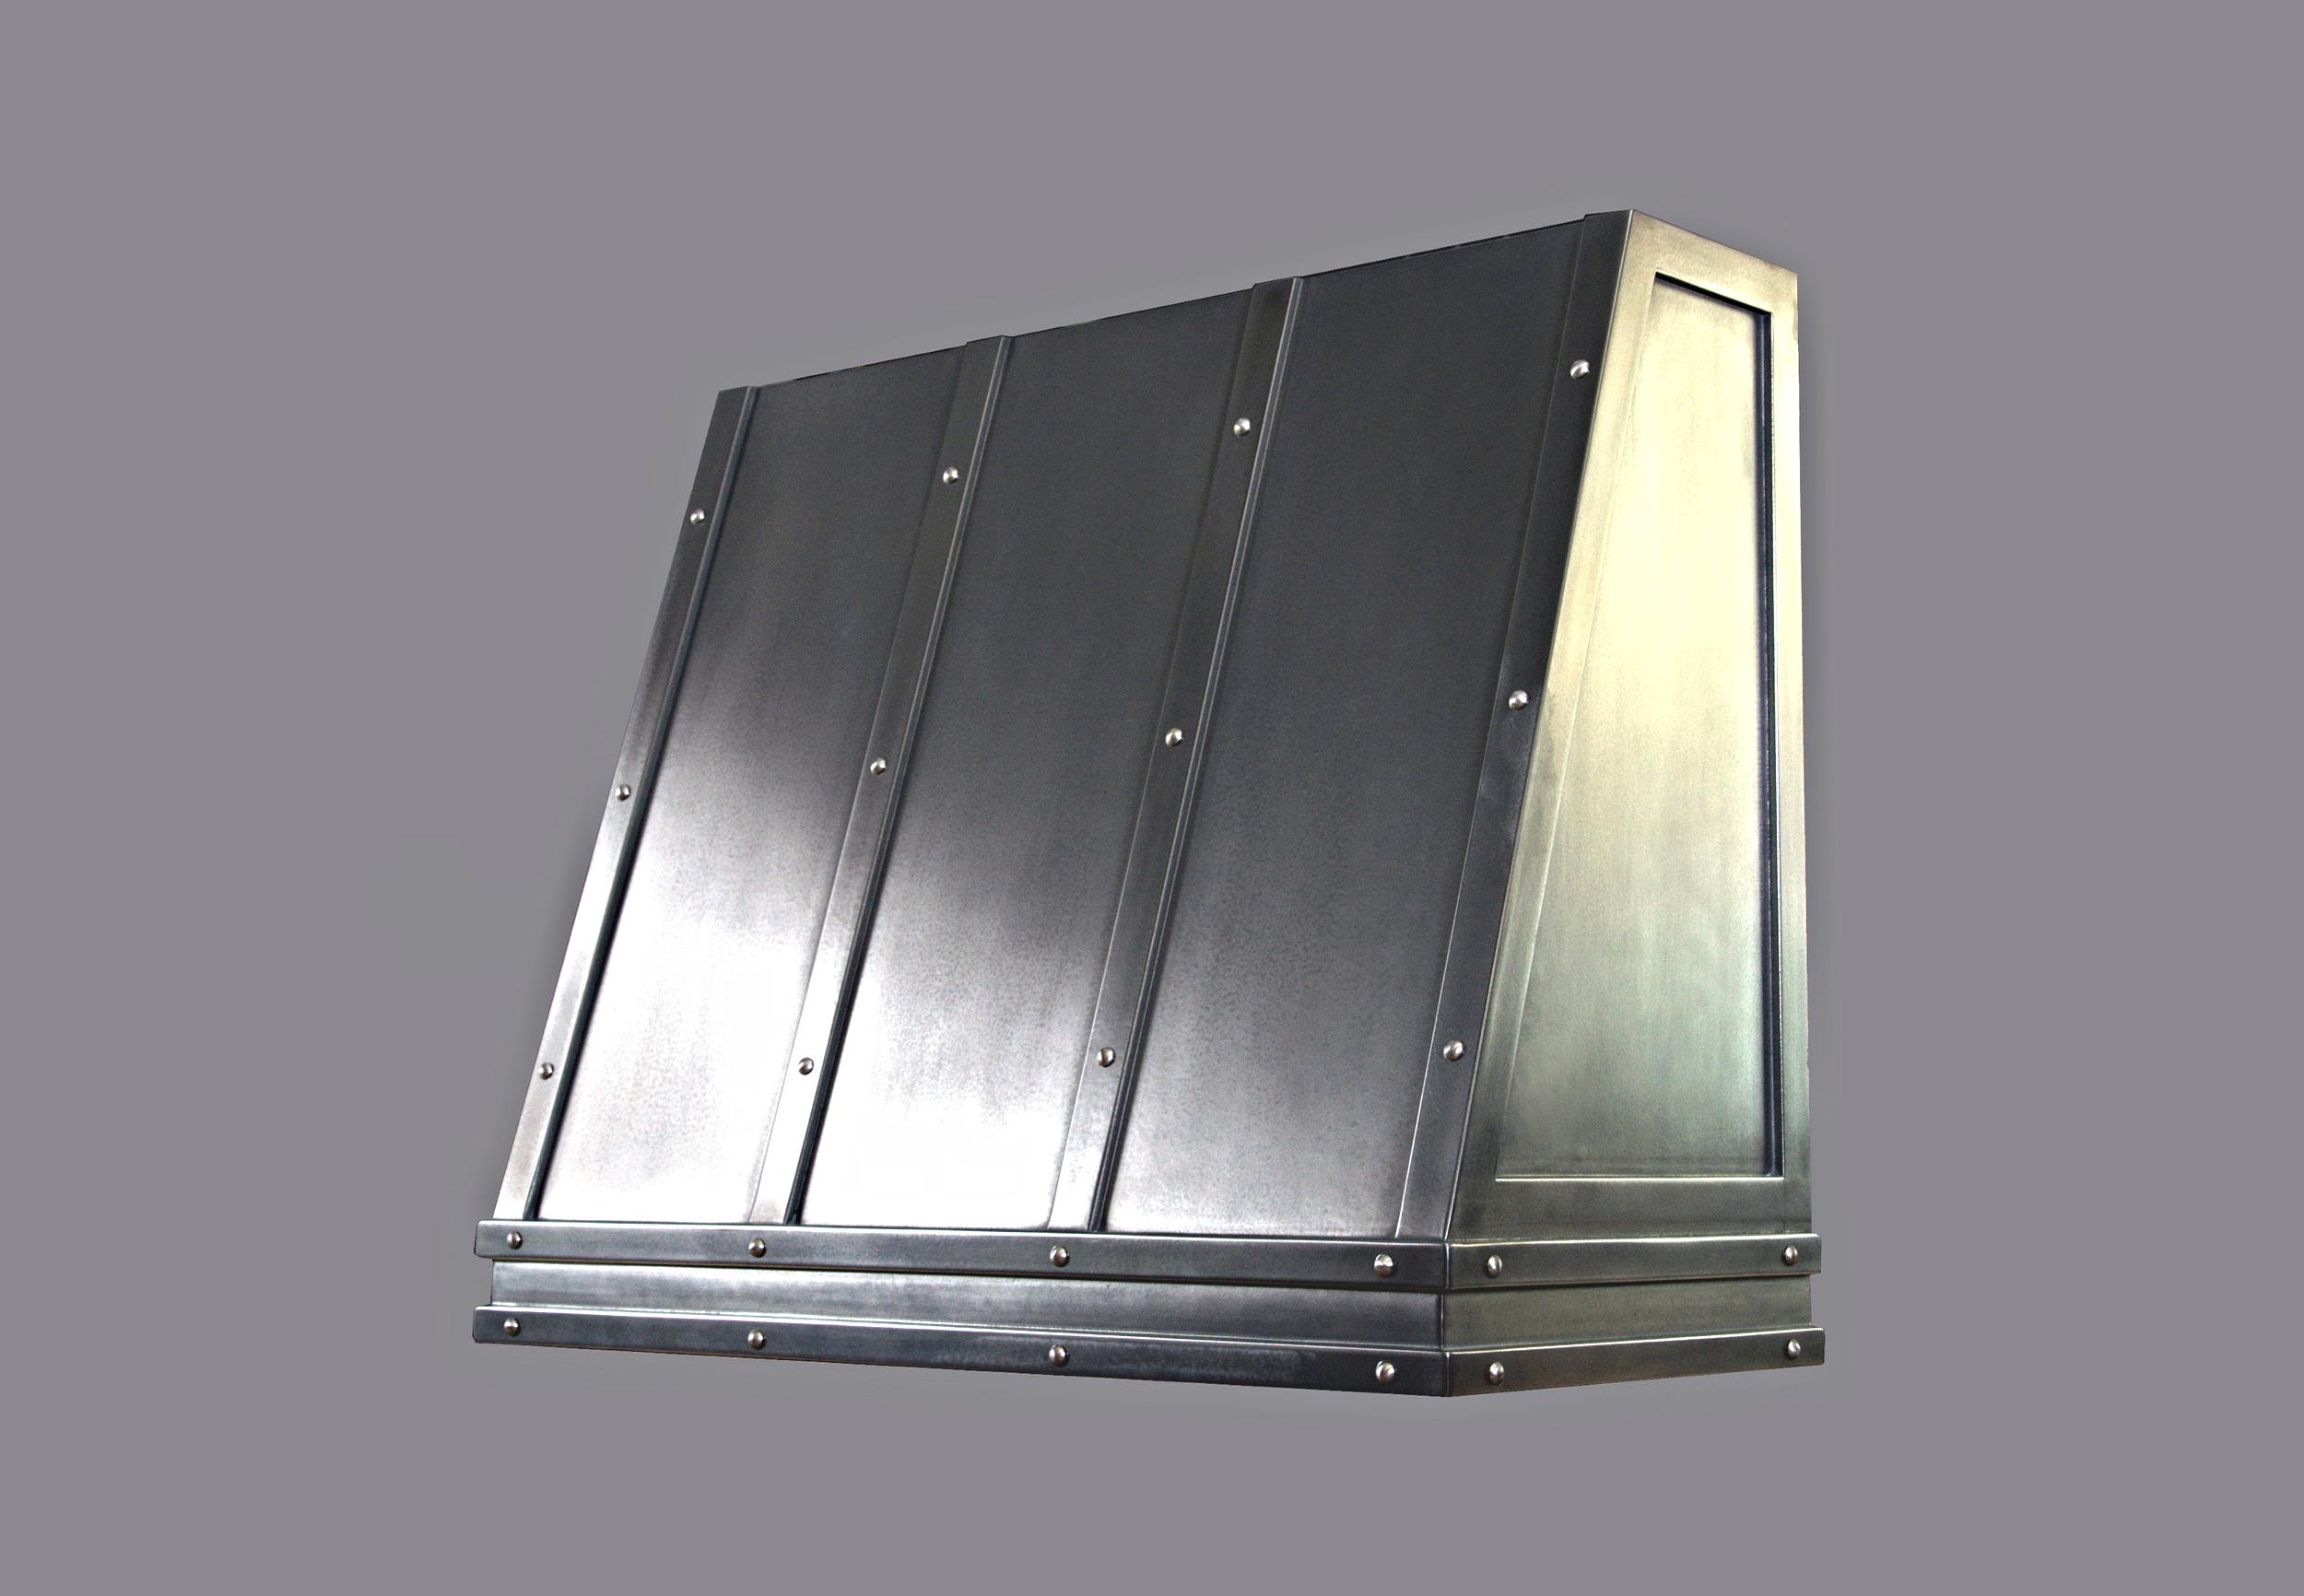 Stainless Steel Range Hood Shell